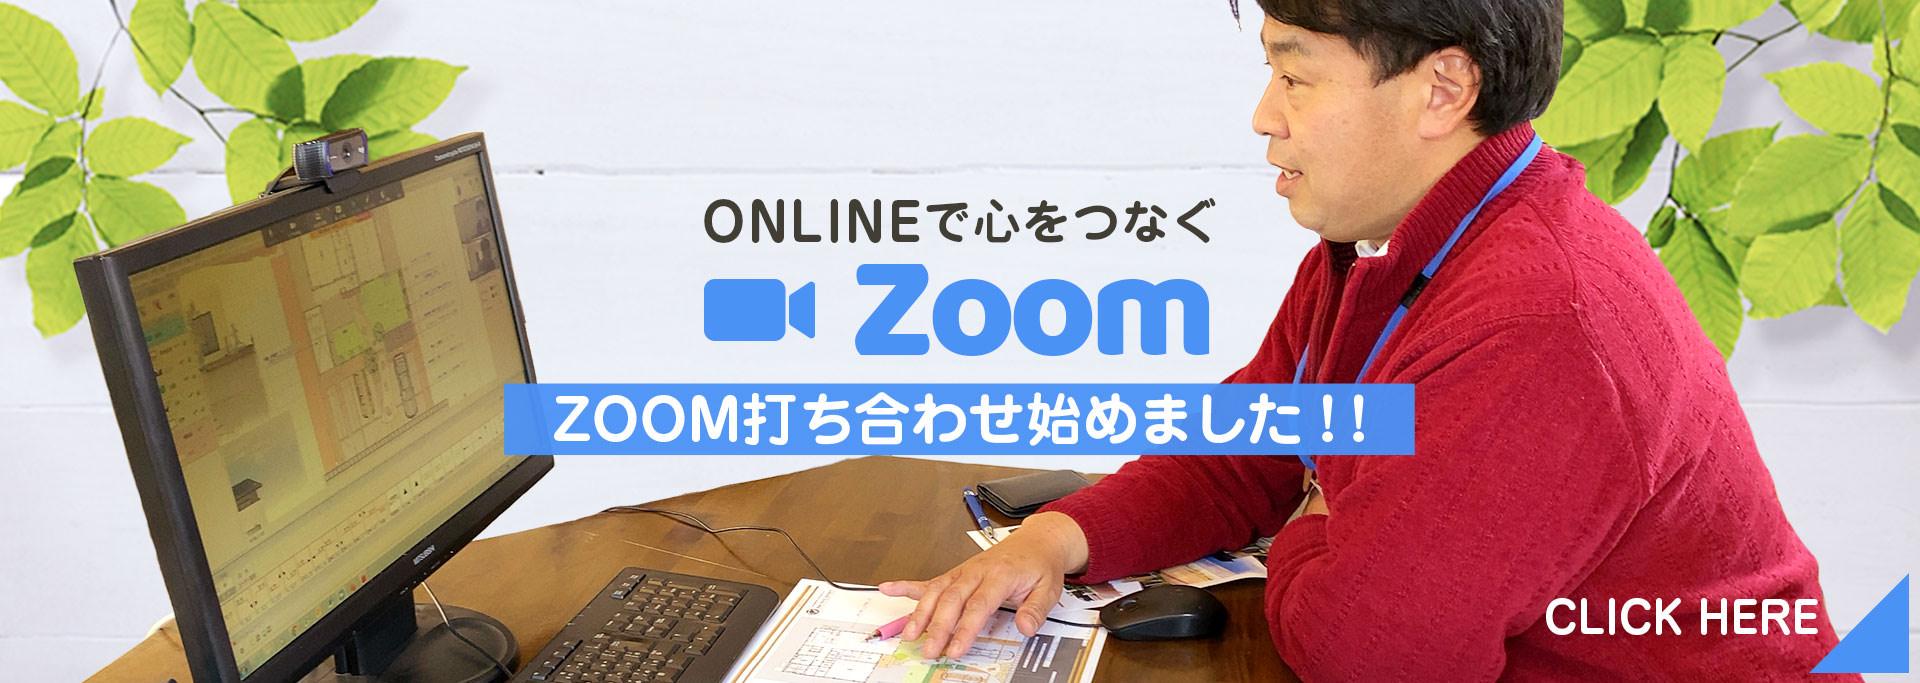 ZOOMを使ってオンライン打ち合わせを始めました